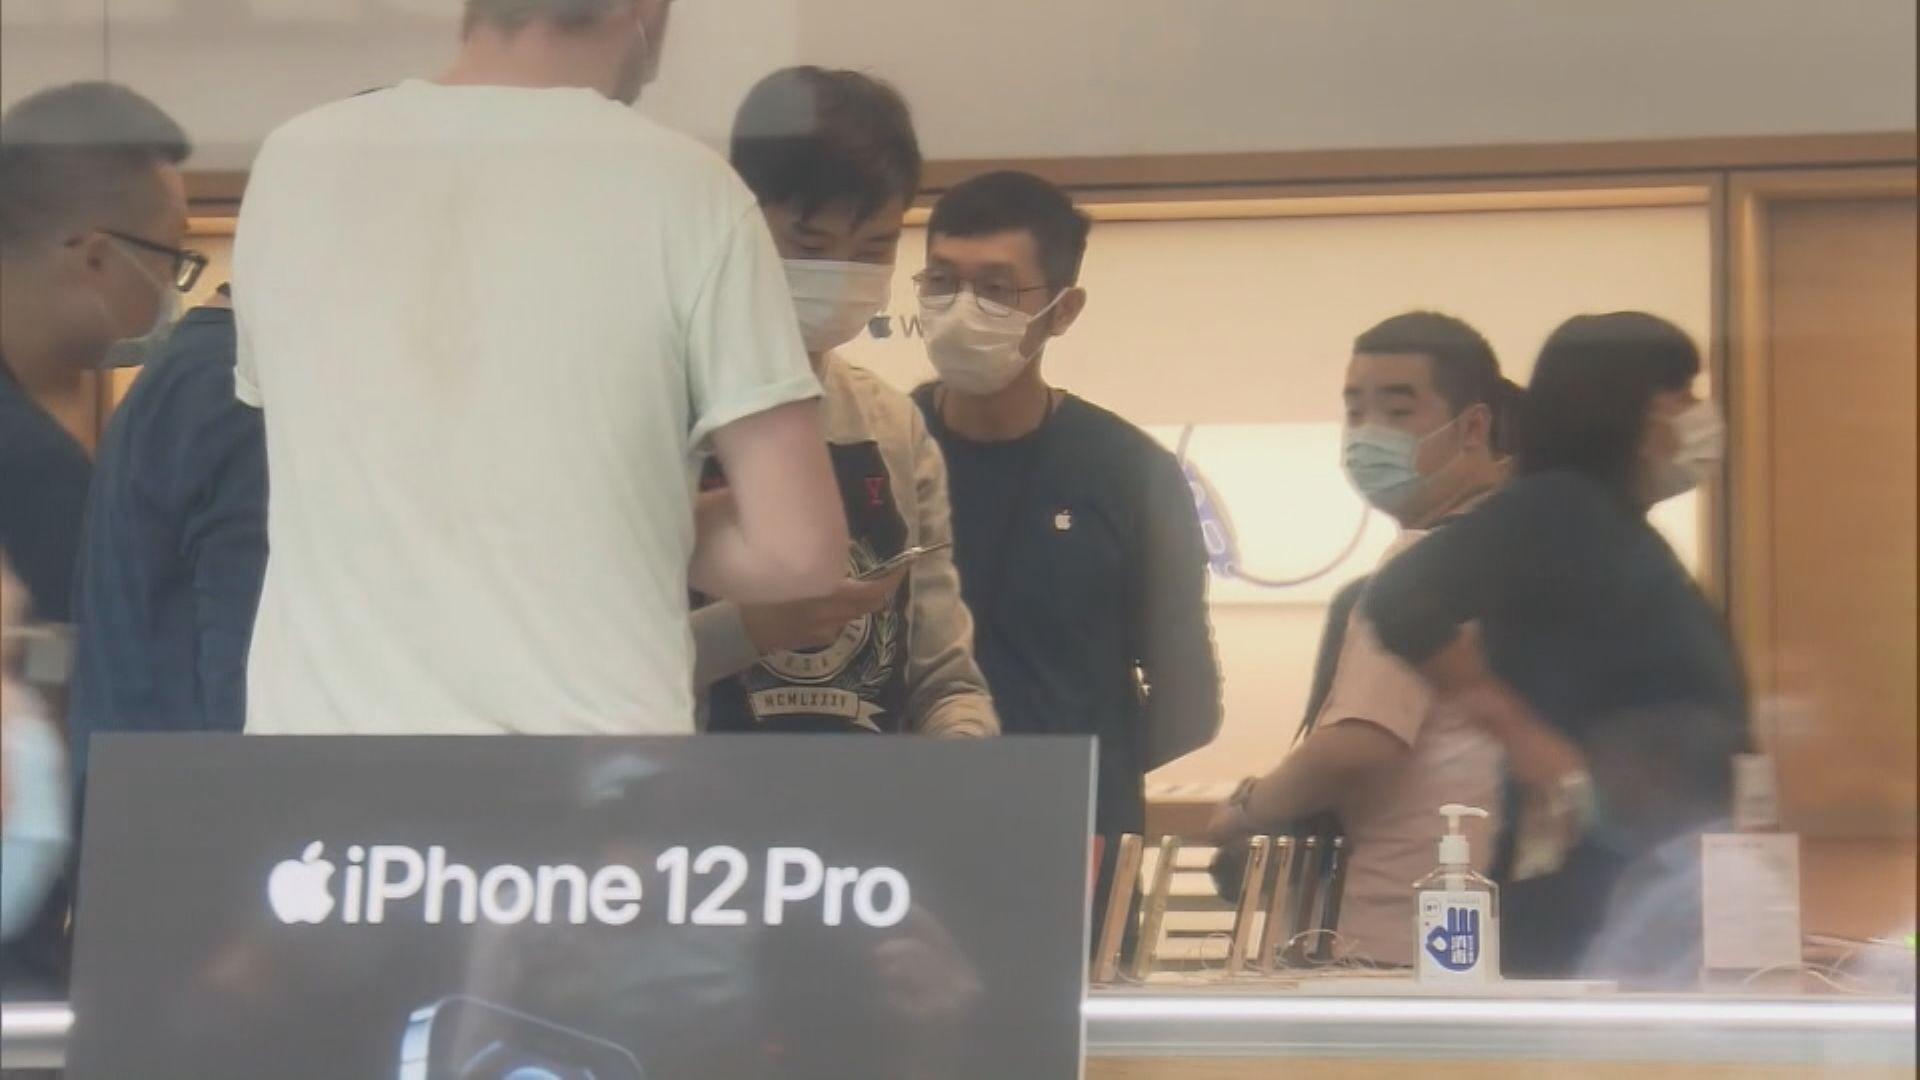 iPhone12、12 Pro 即日起發售